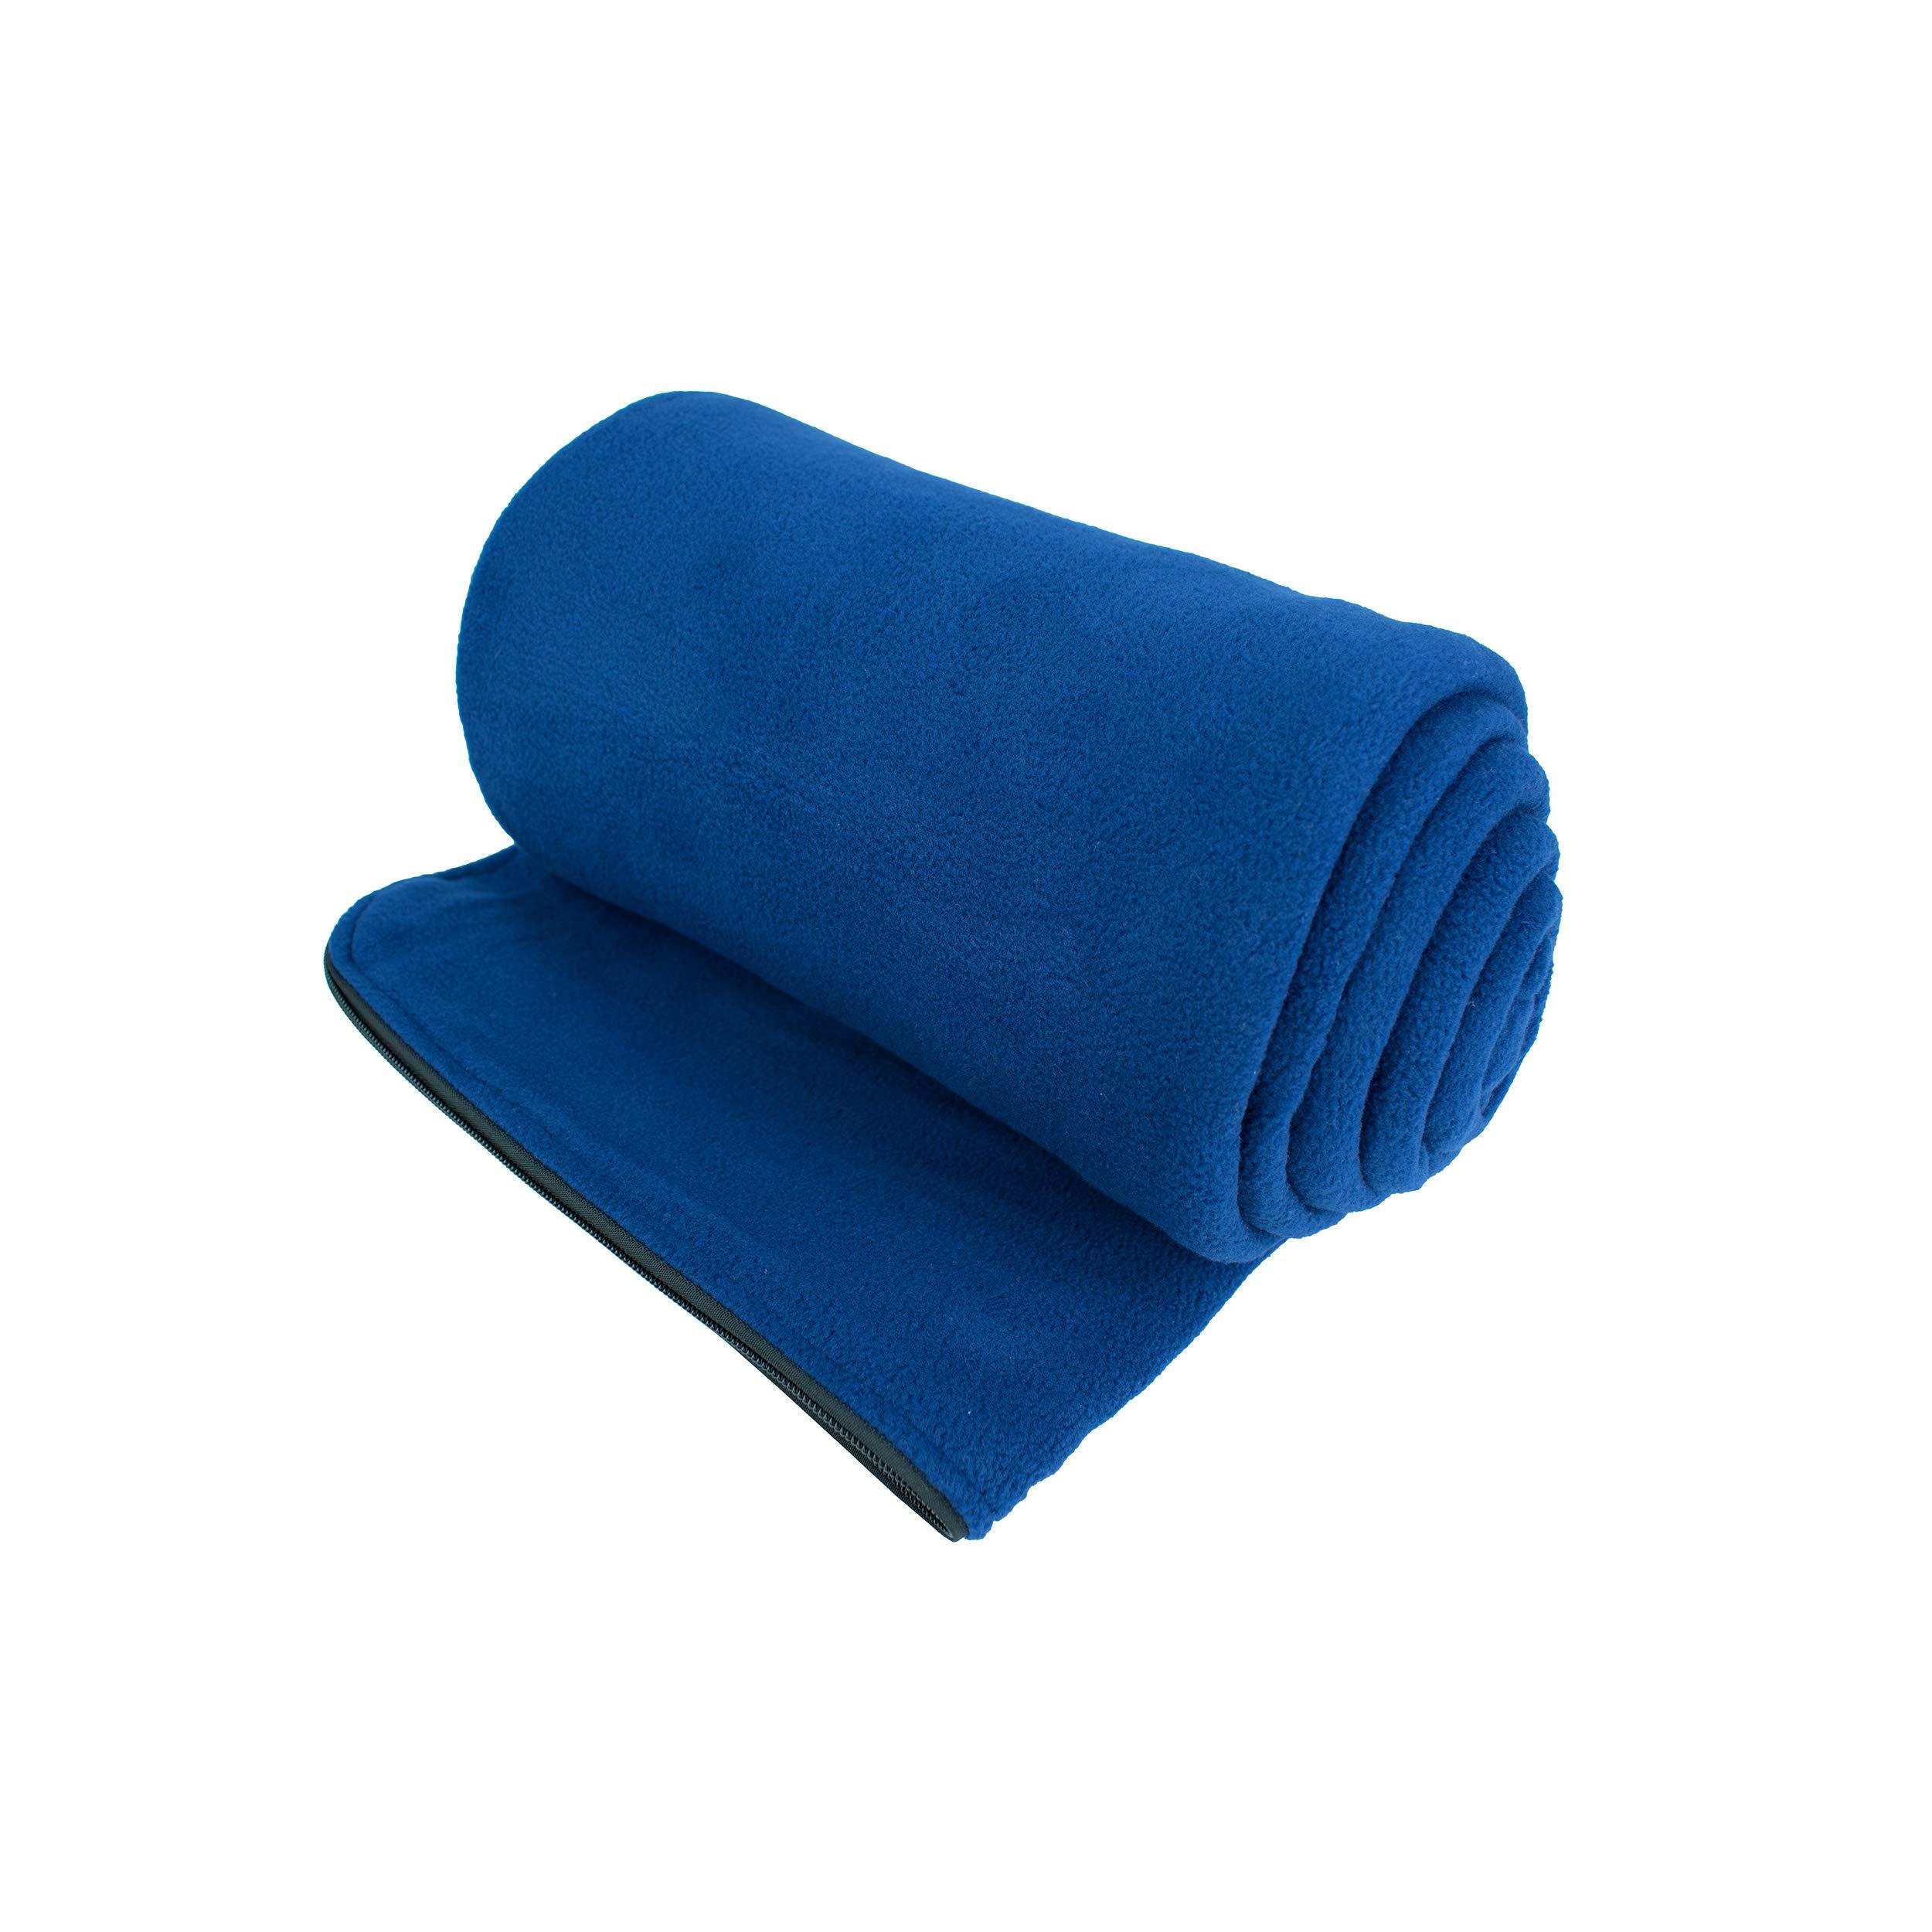 OSAGE RIVER Microfiber Fleece Sleeping Bag Liner, Navy by OSAGE RIVER